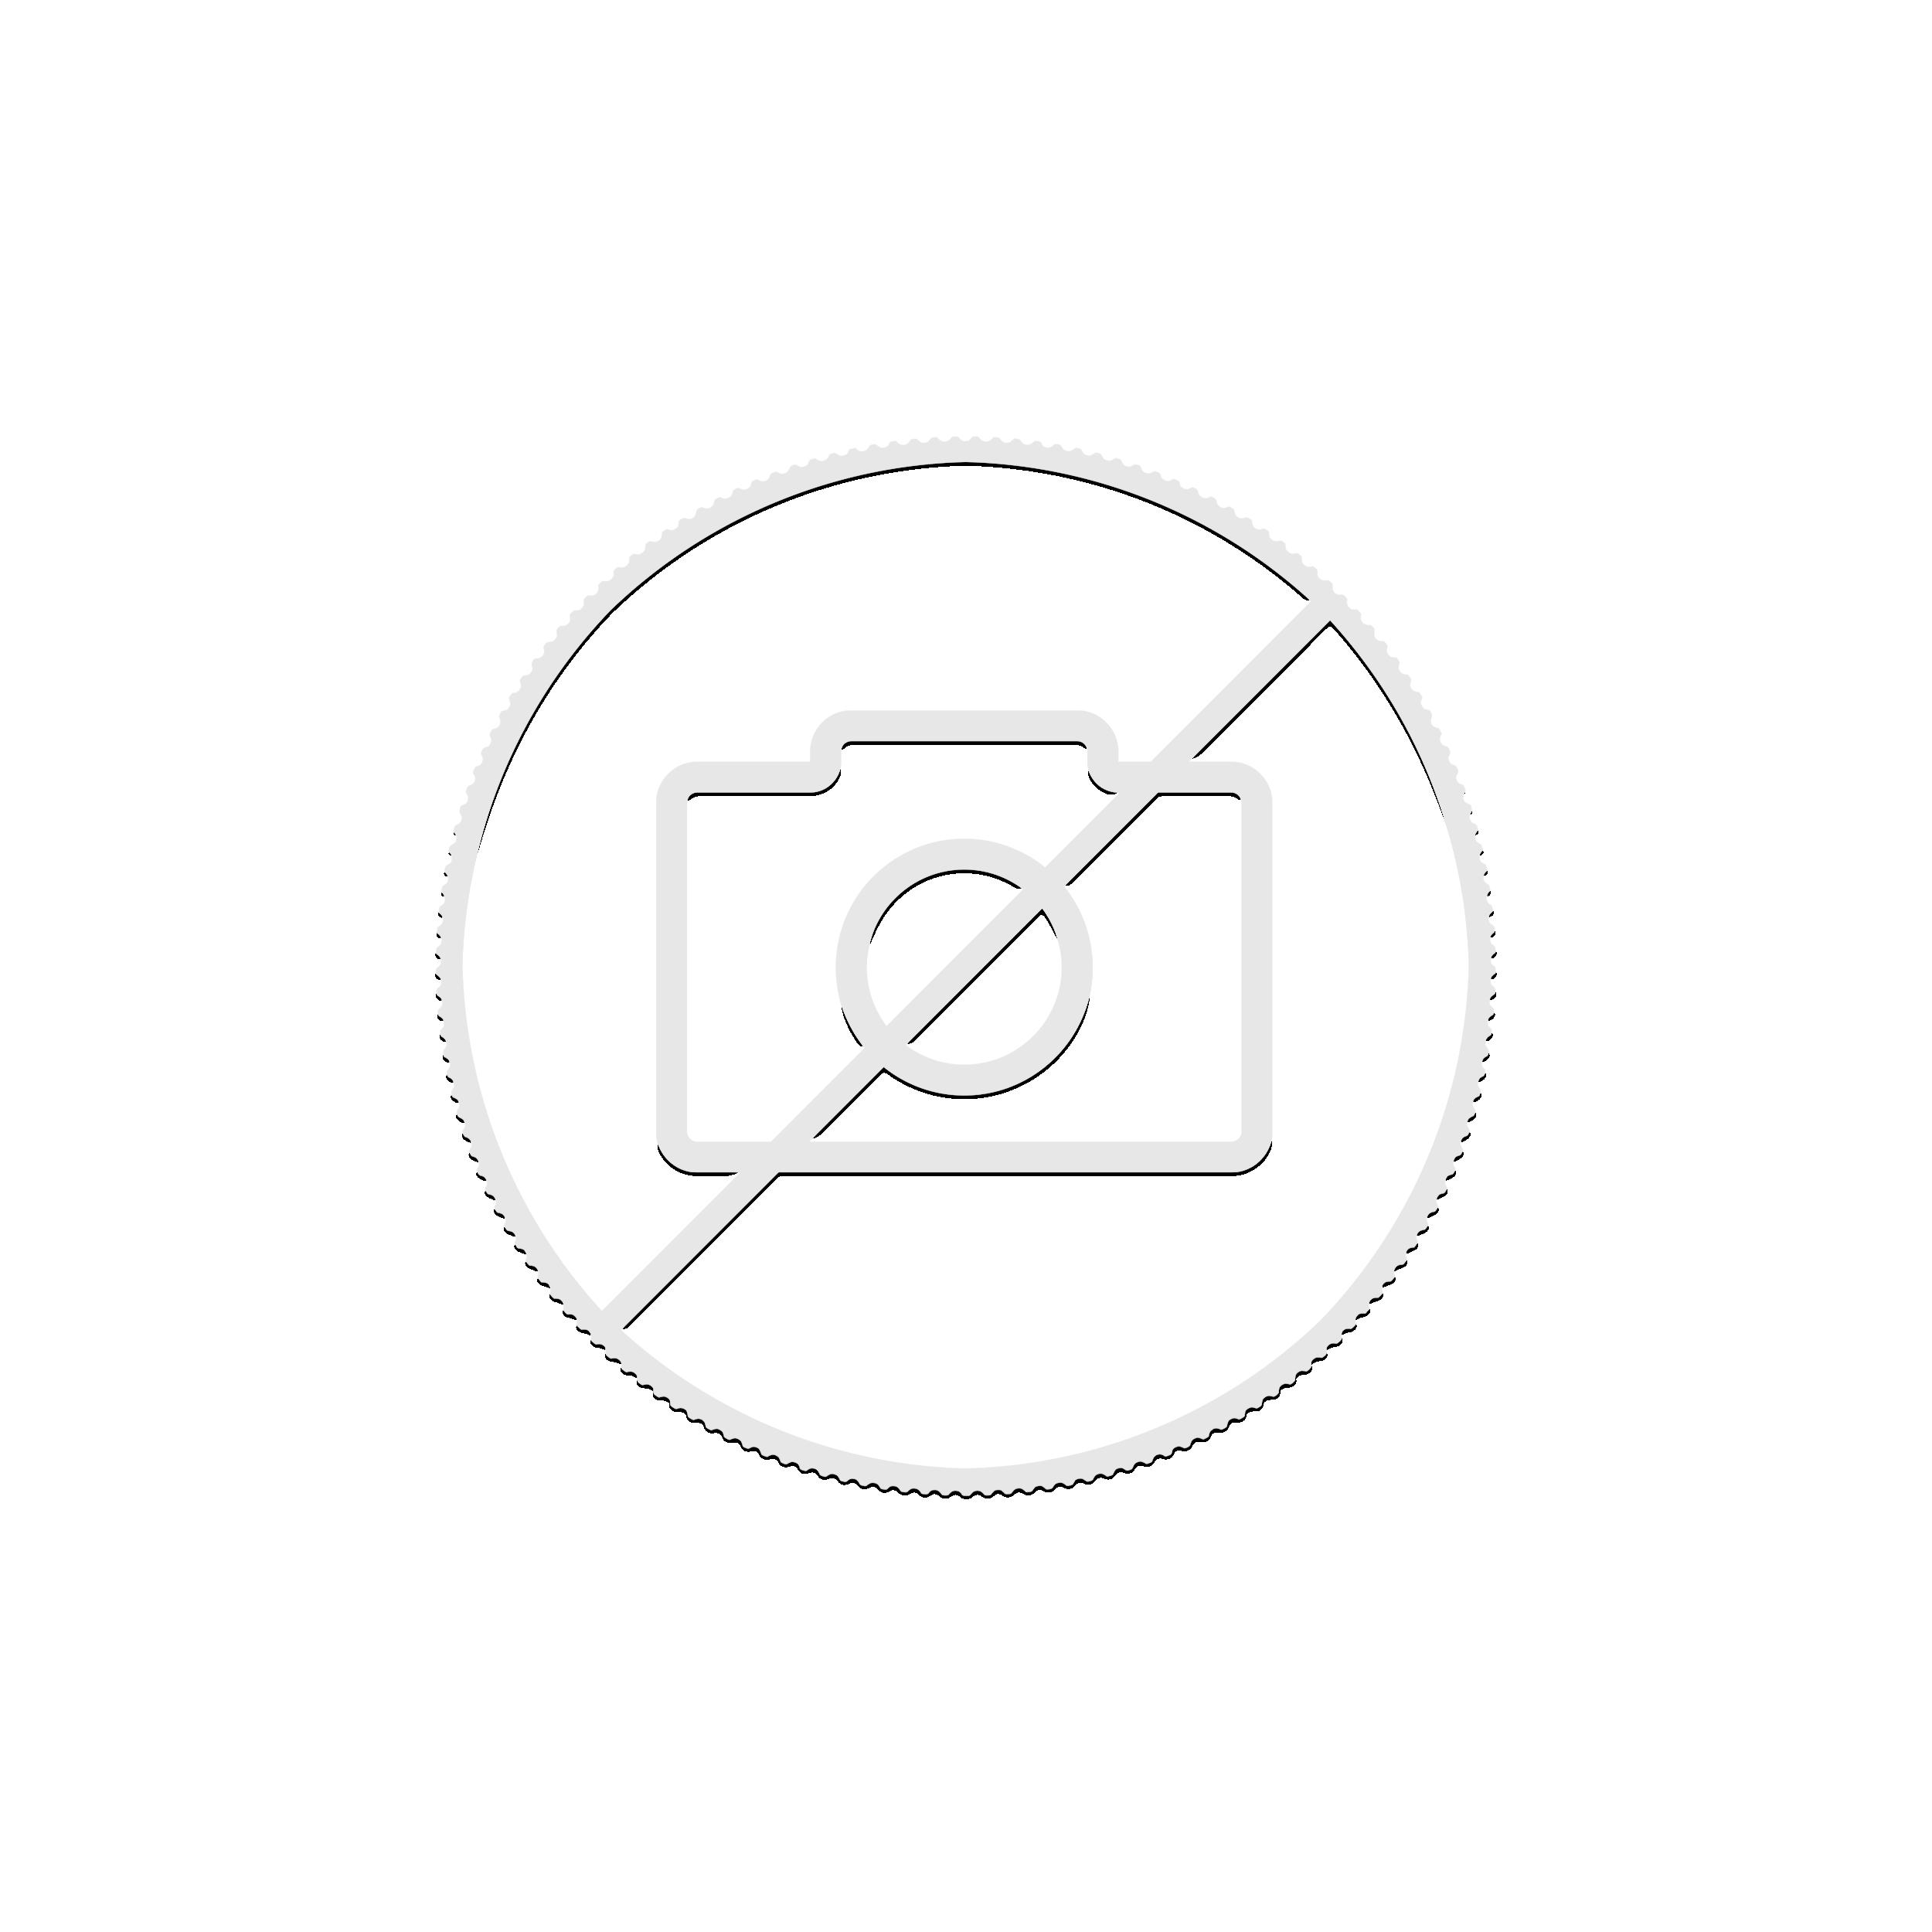 Gold ten guilder coins